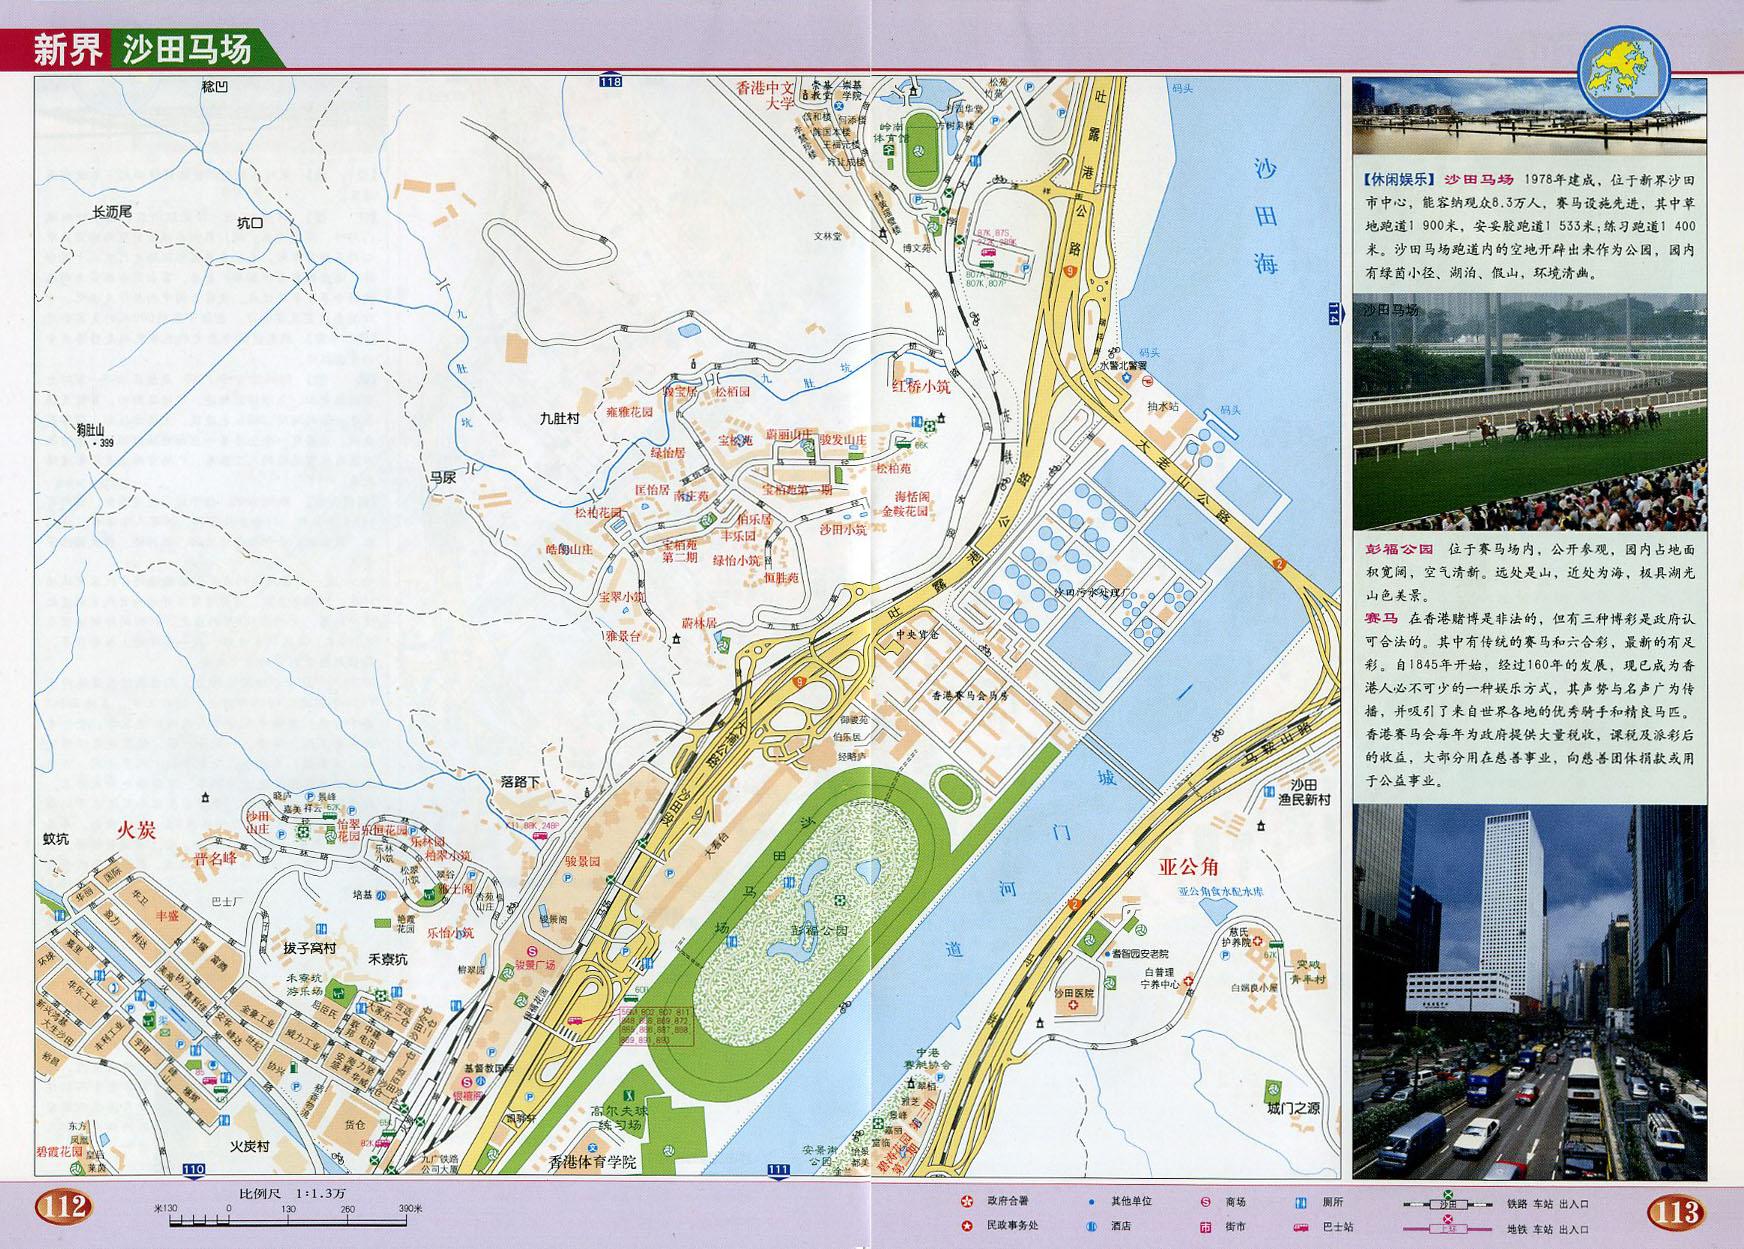 新界 沙田马场地图高清版